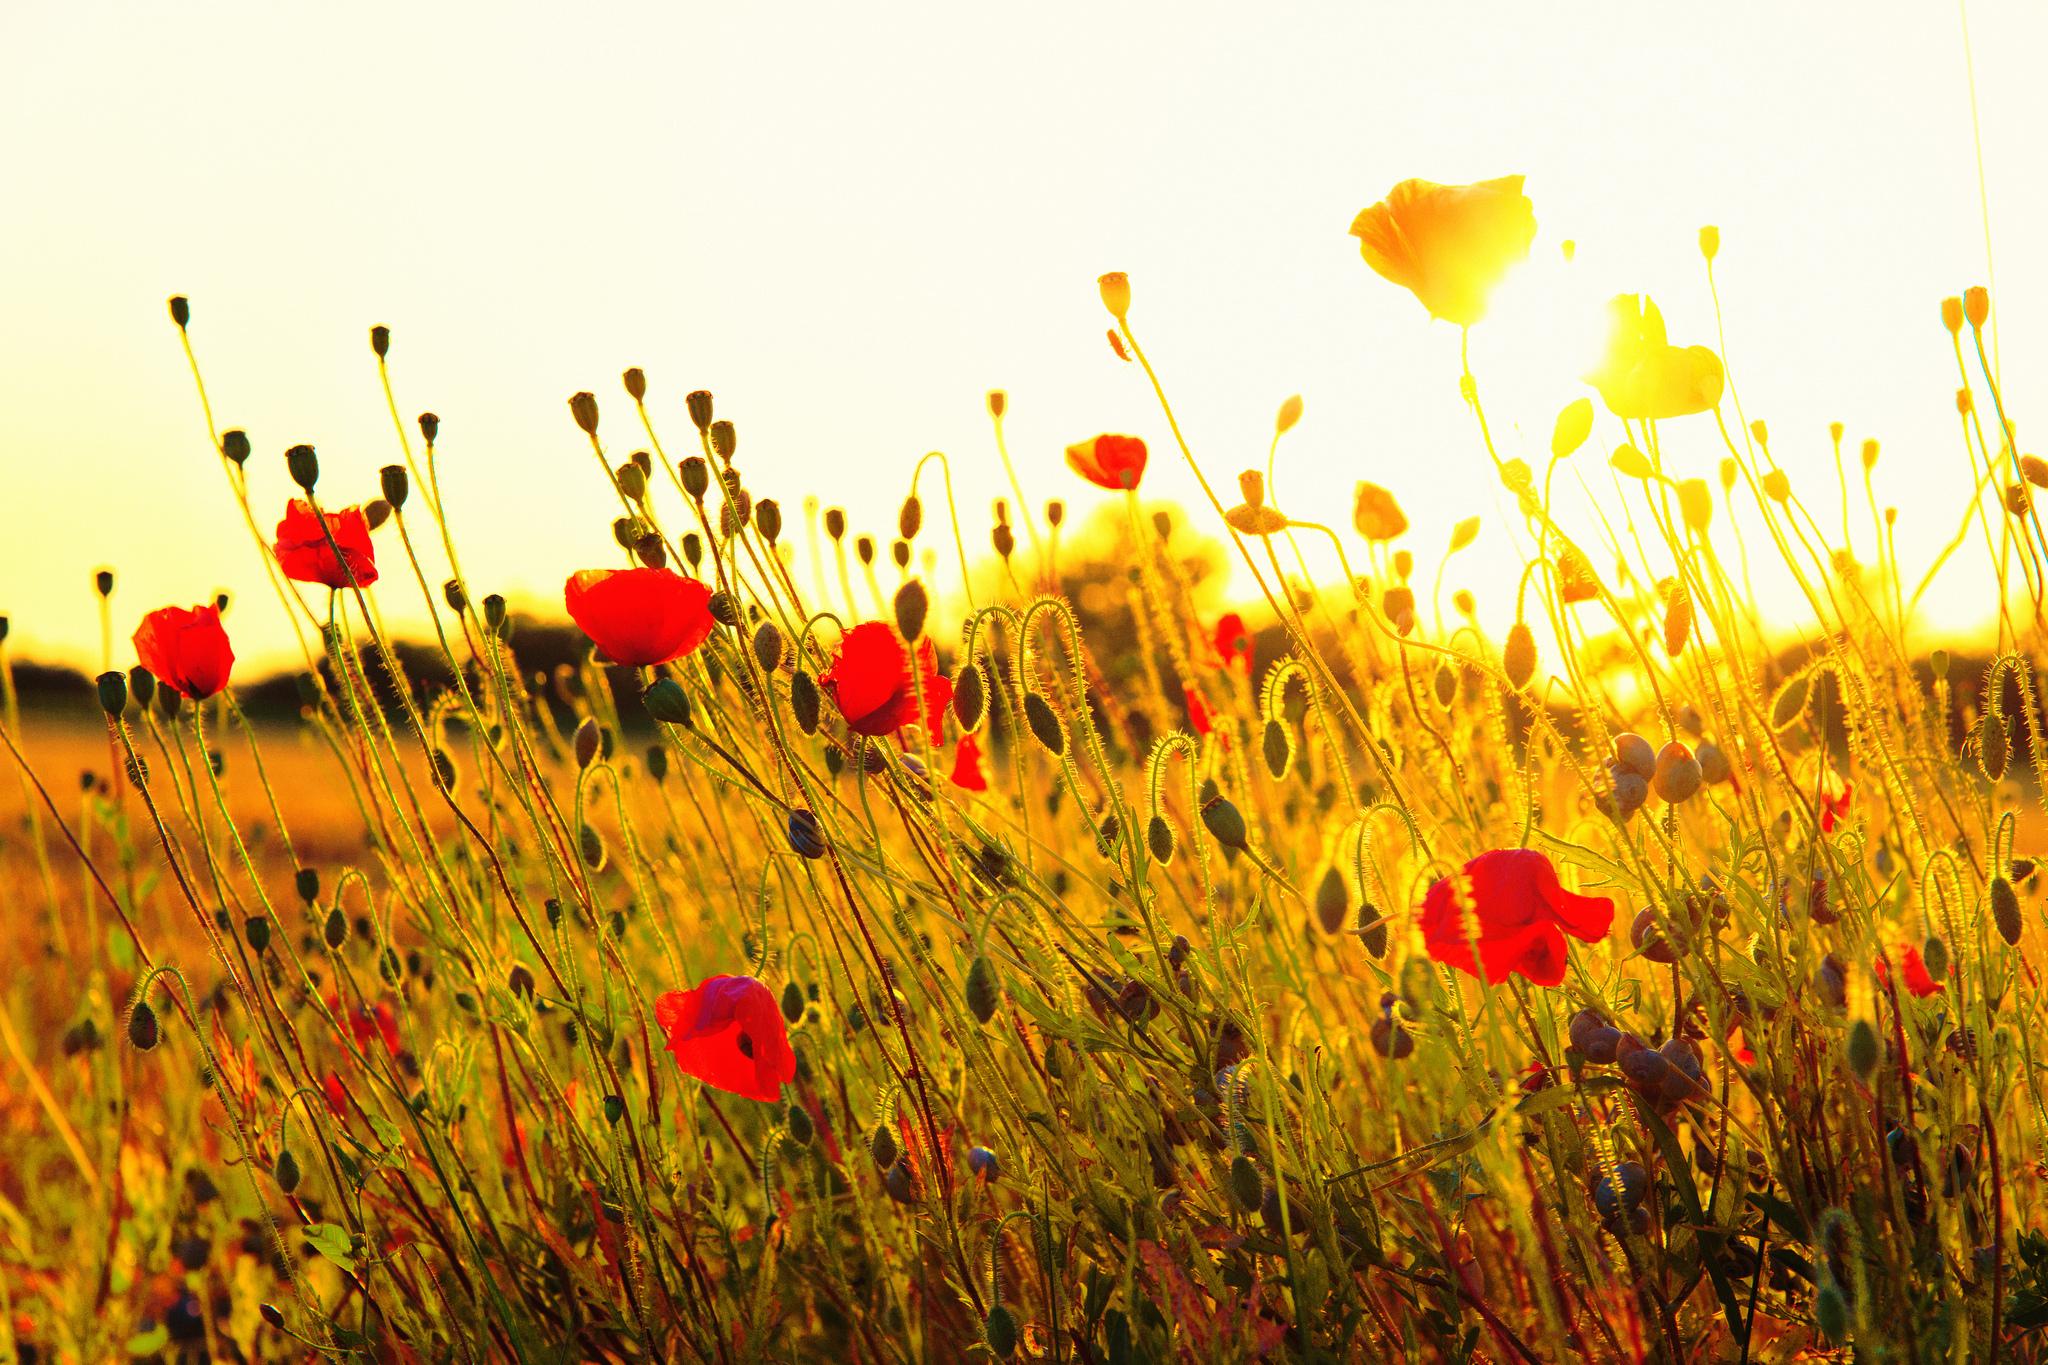 природа цветы трава мельниц восход солнце  № 2556659 загрузить